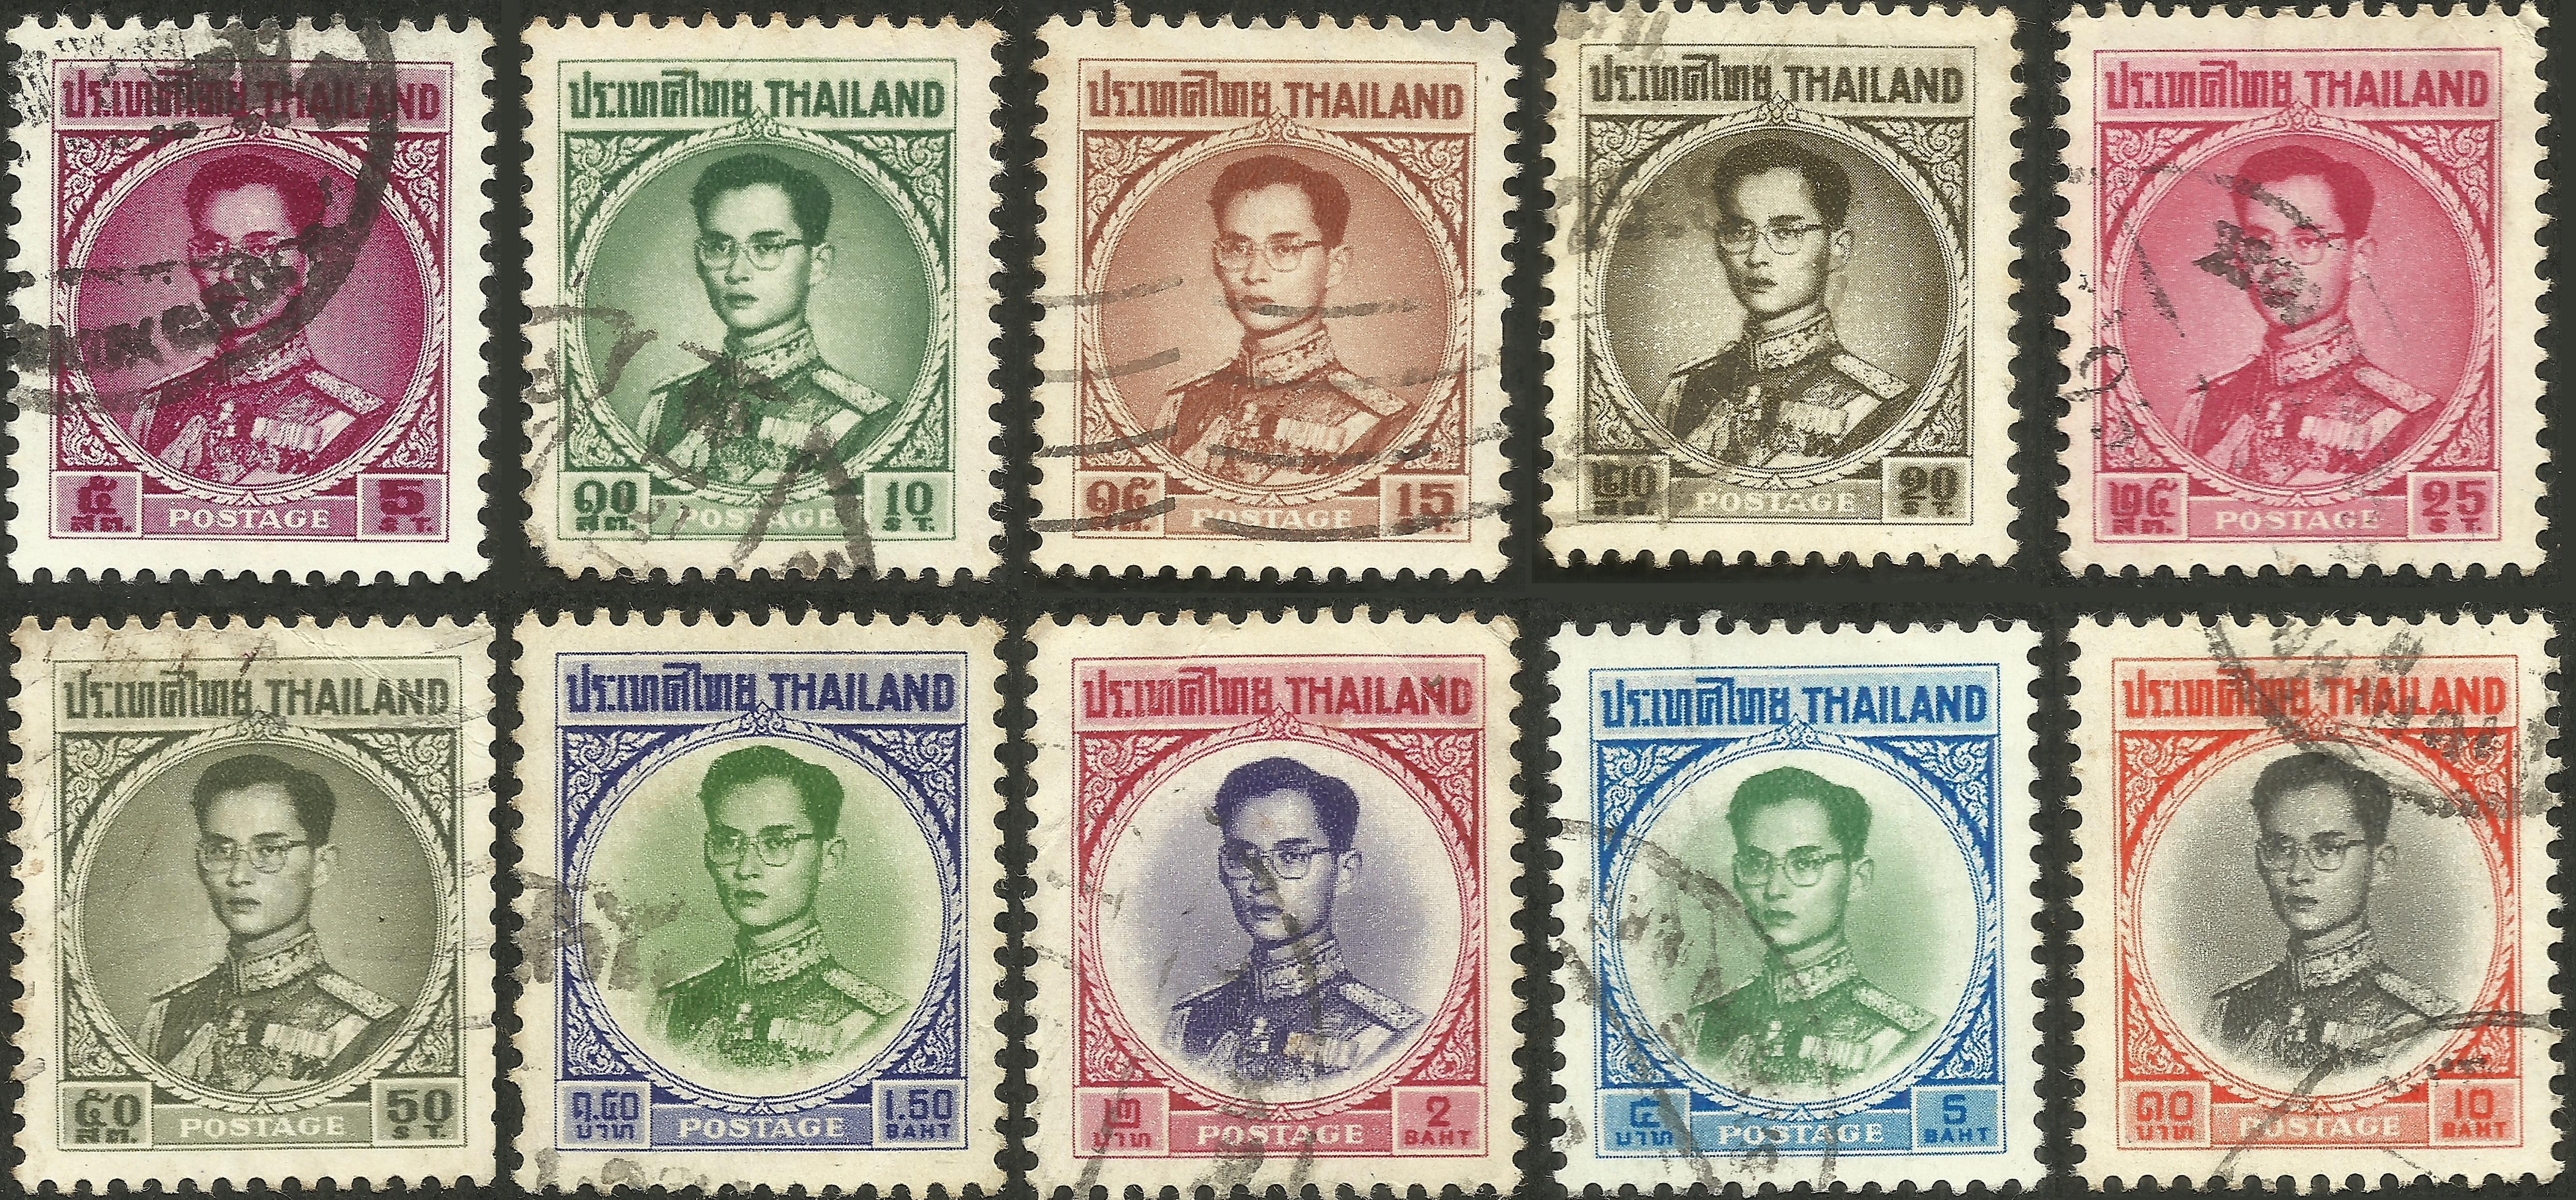 King Rama IX 4th Series (1963-1971) (Scott #397, 398, 399, 400, 401, 402, 405, 406, 408, 409)